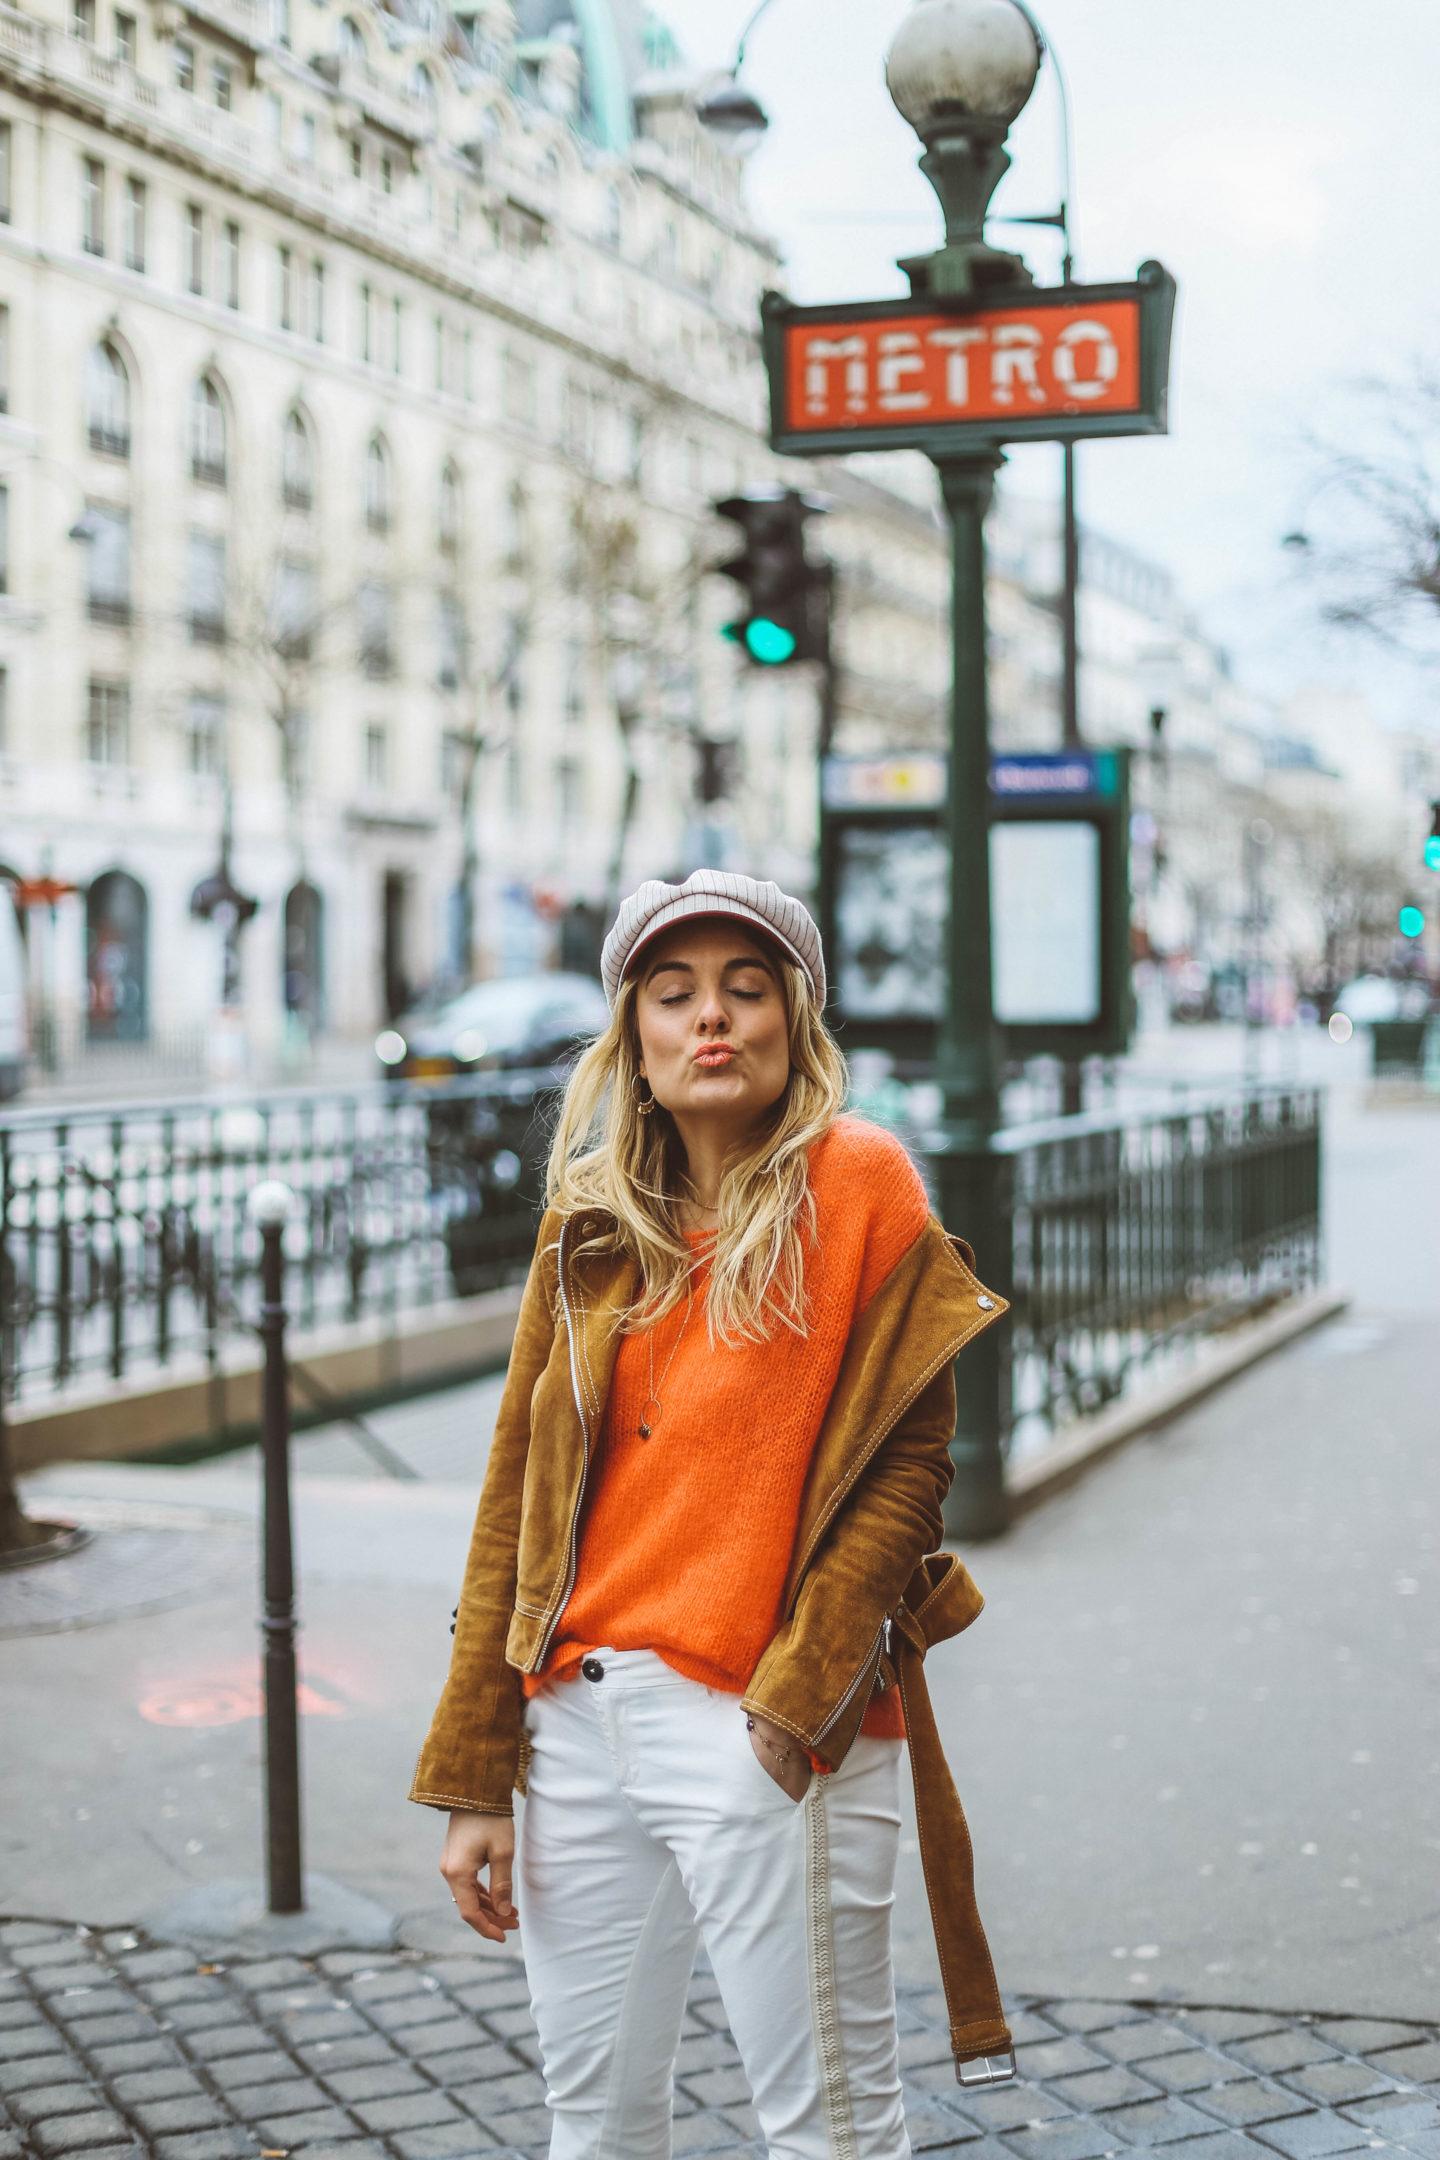 Veste en daim Claudie Pierlot - Blondie Baby blog mode et voyages